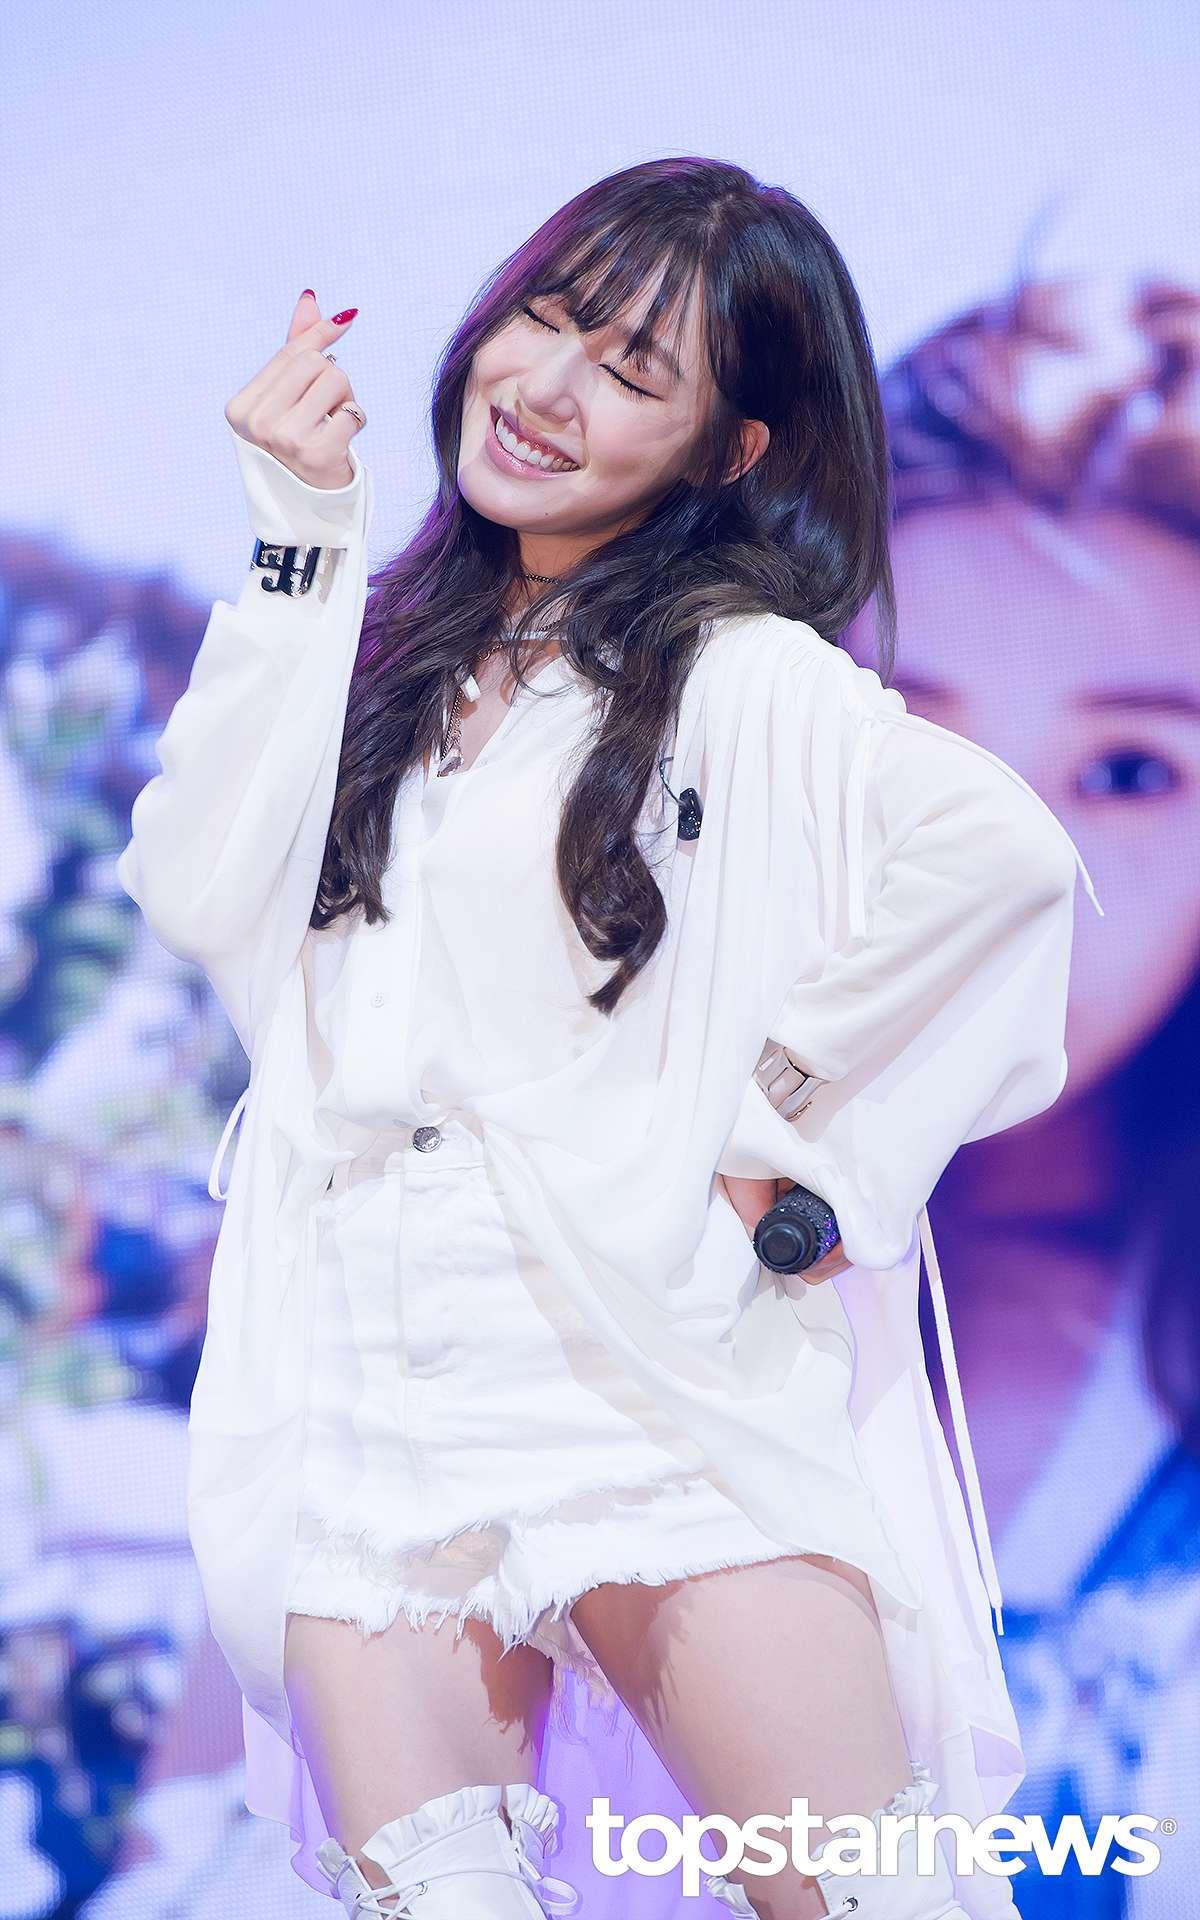 不僅不少網友要求Tiffany出面說明,Tiffany目前更是韓國最大入口網站的熱門關鍵字第一,因為「旭日旗」在韓國的敏感定位,讓原本的誤Po國旗事件演變成為社會事件。